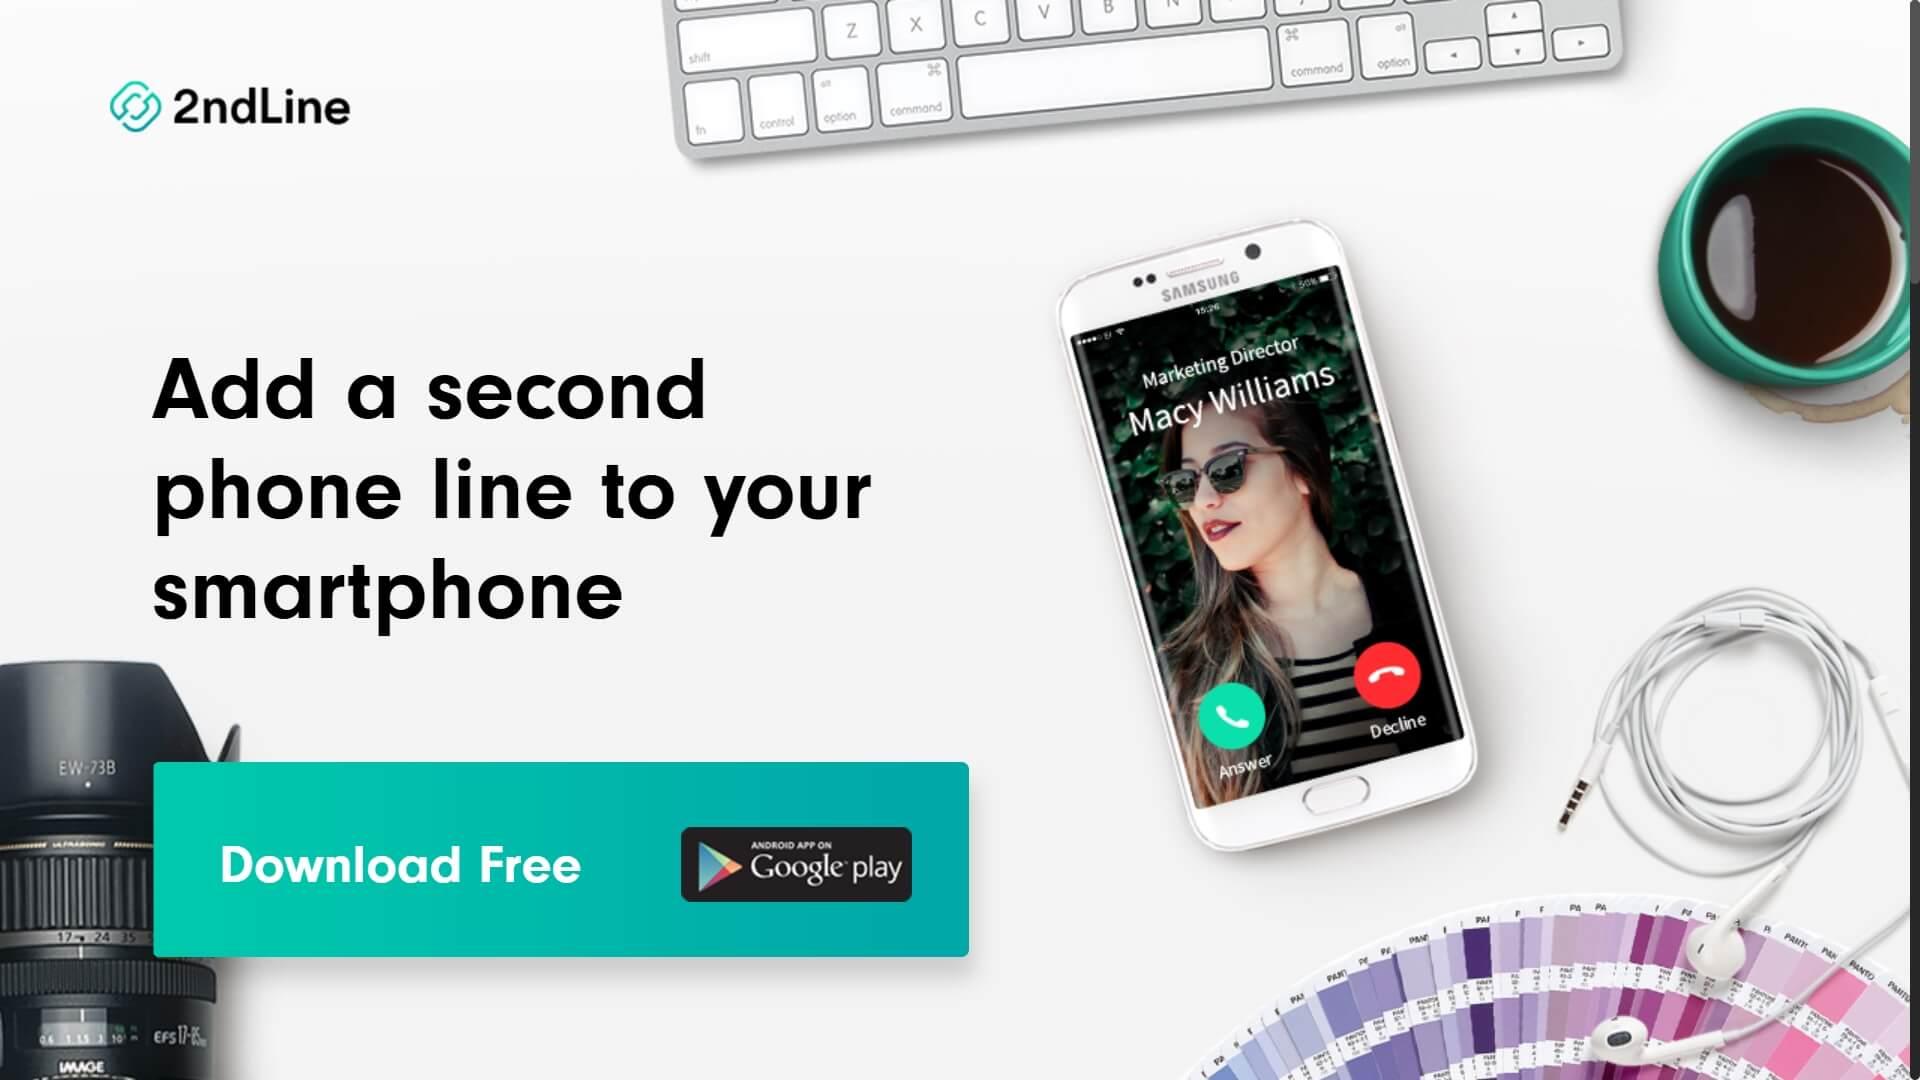 Télécharger 2ndLine APK pour avoir un numéro virtuel gratuit USA